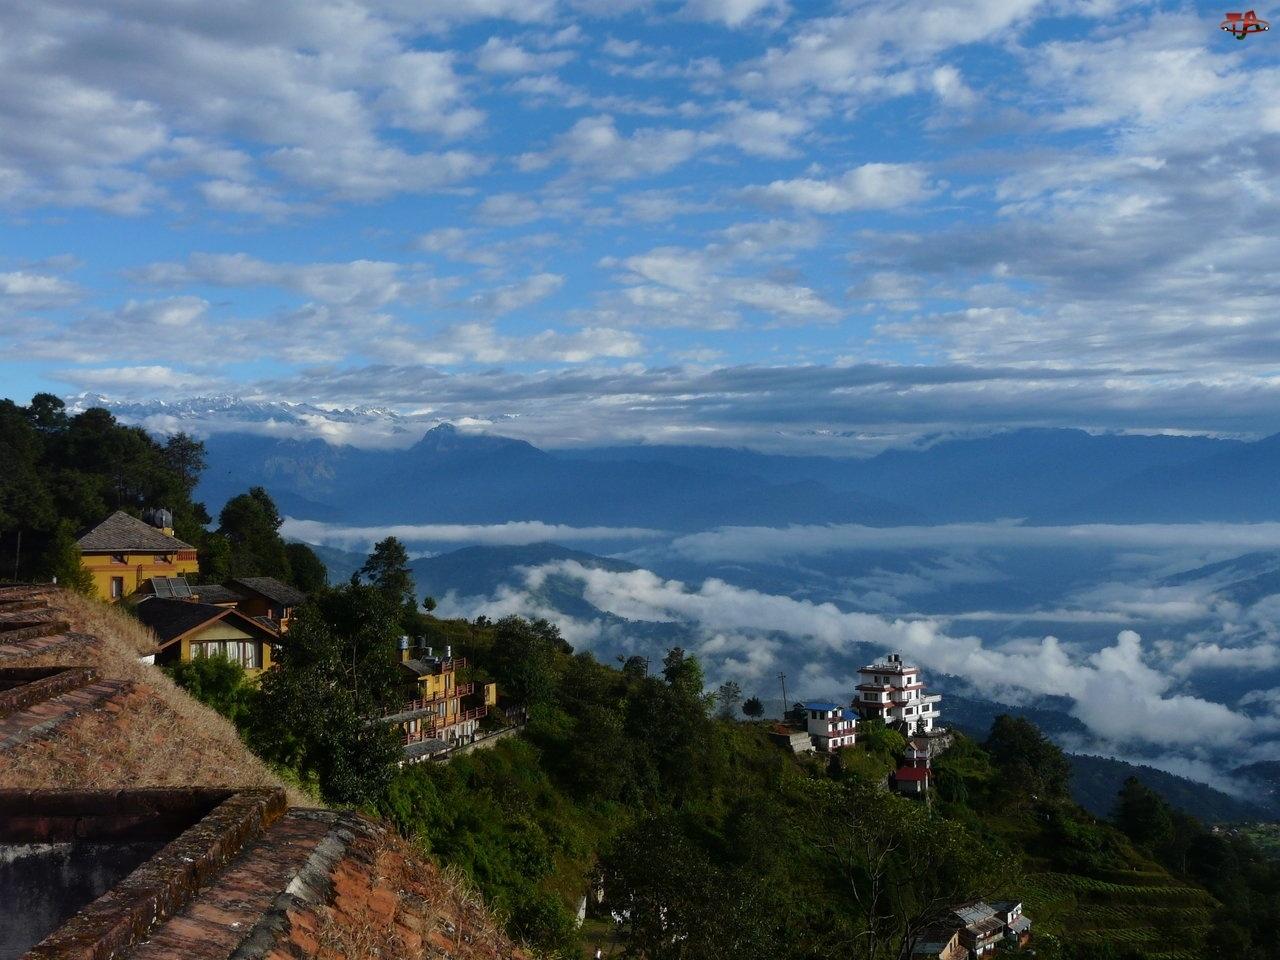 Chmury, Góry, Lasy, Domy, Niebo